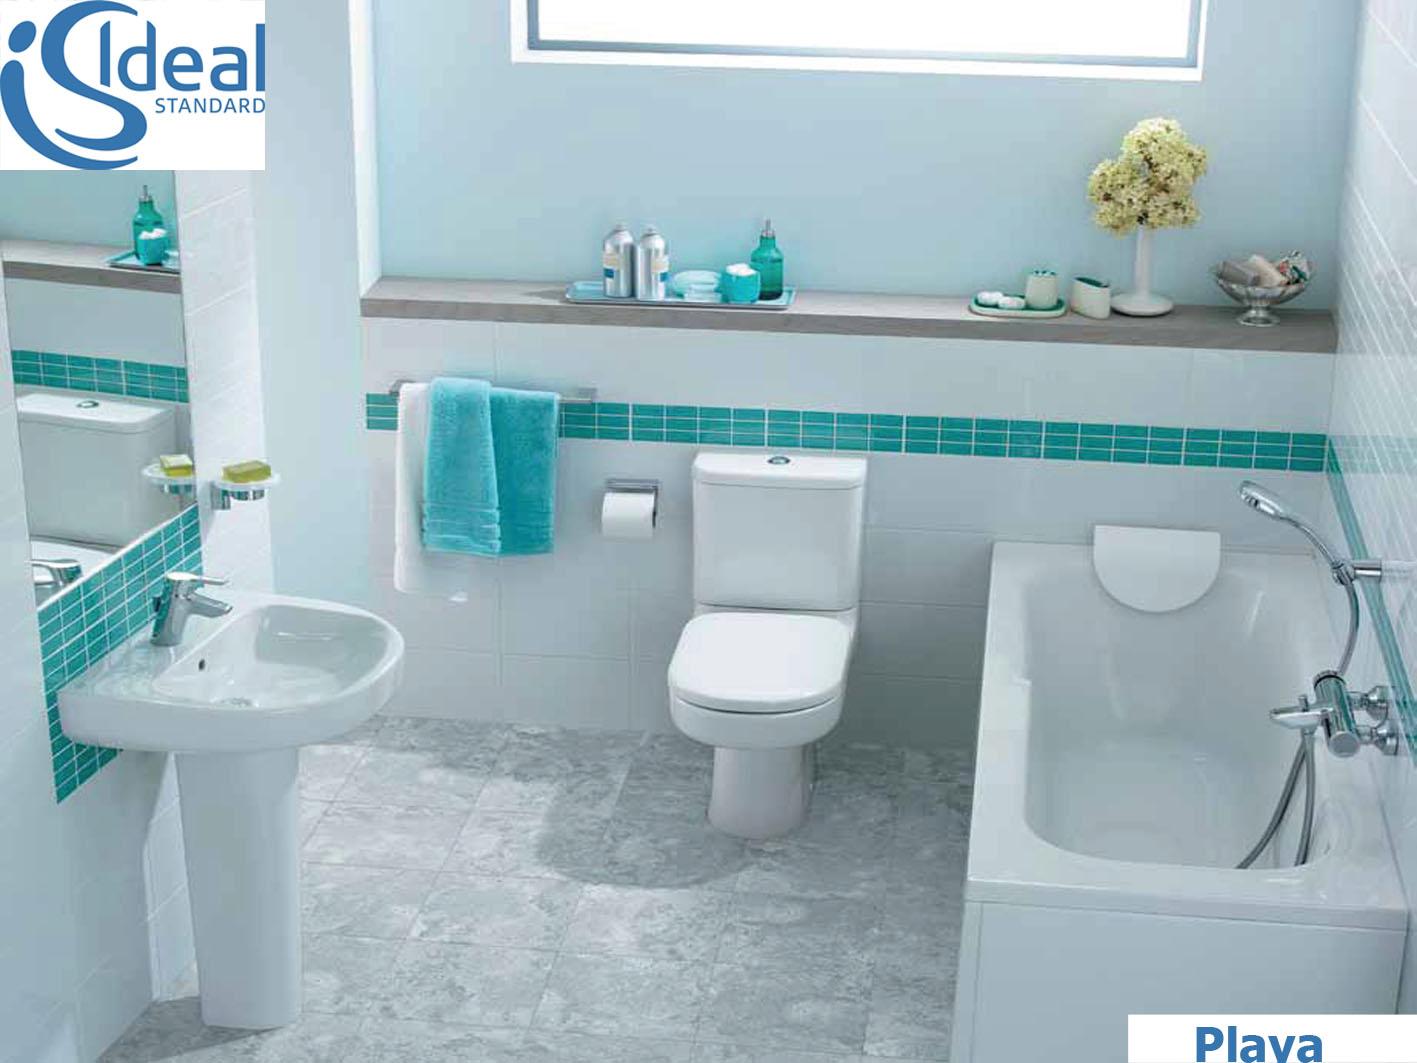 بالصور اطقم حمامات , اختاري اجمل اطقم حمامات لمنزلك 2510 3